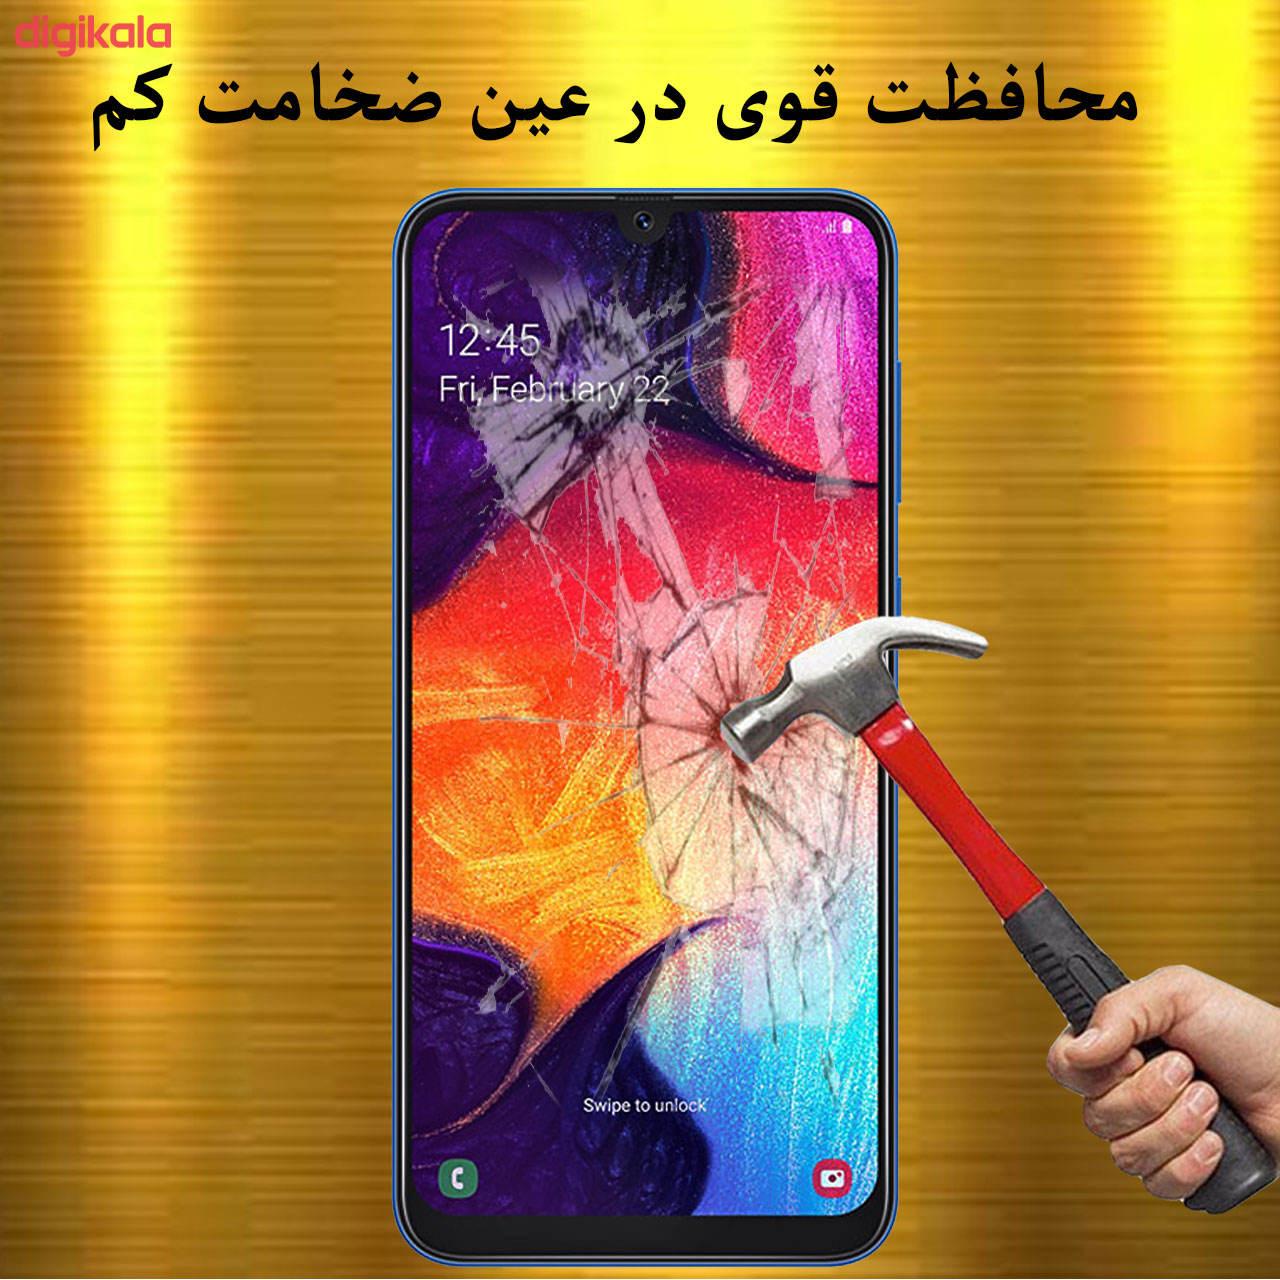 محافظ صفحه نمایش تراستکتور مدل GSS مناسب برای گوشی موبایل سامسونگ Galaxy A50 بسته 3 عددی main 1 3